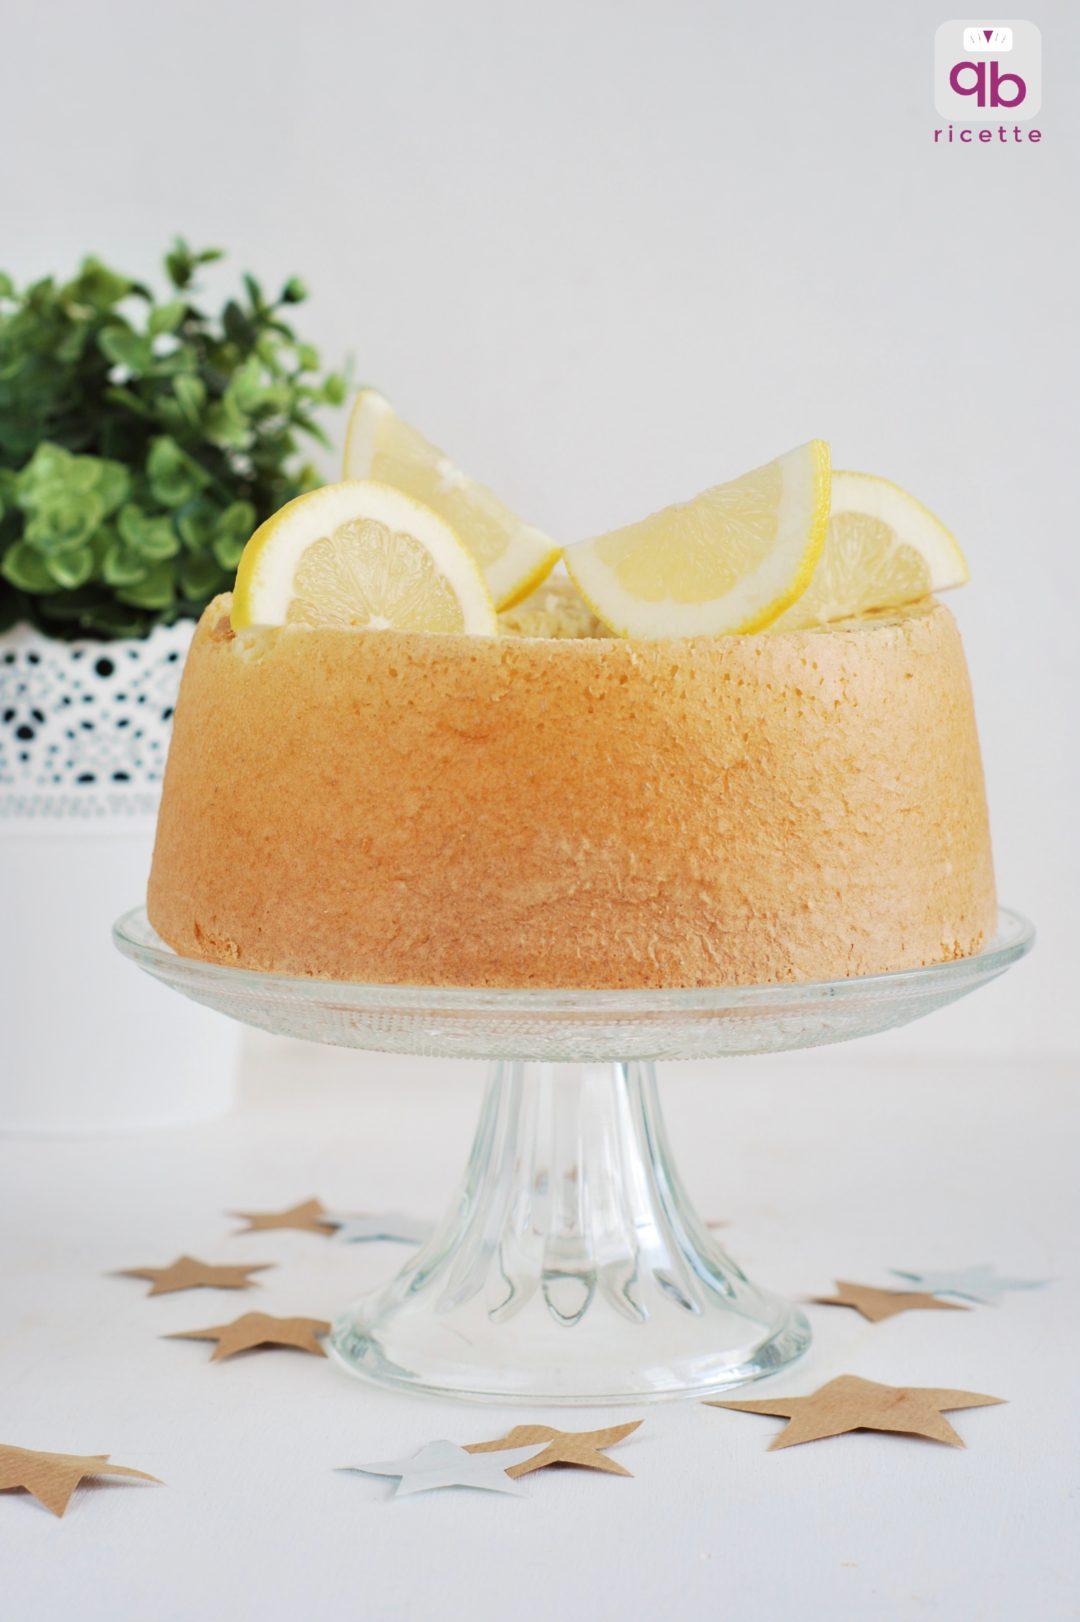 angelcake-senza-zucchero